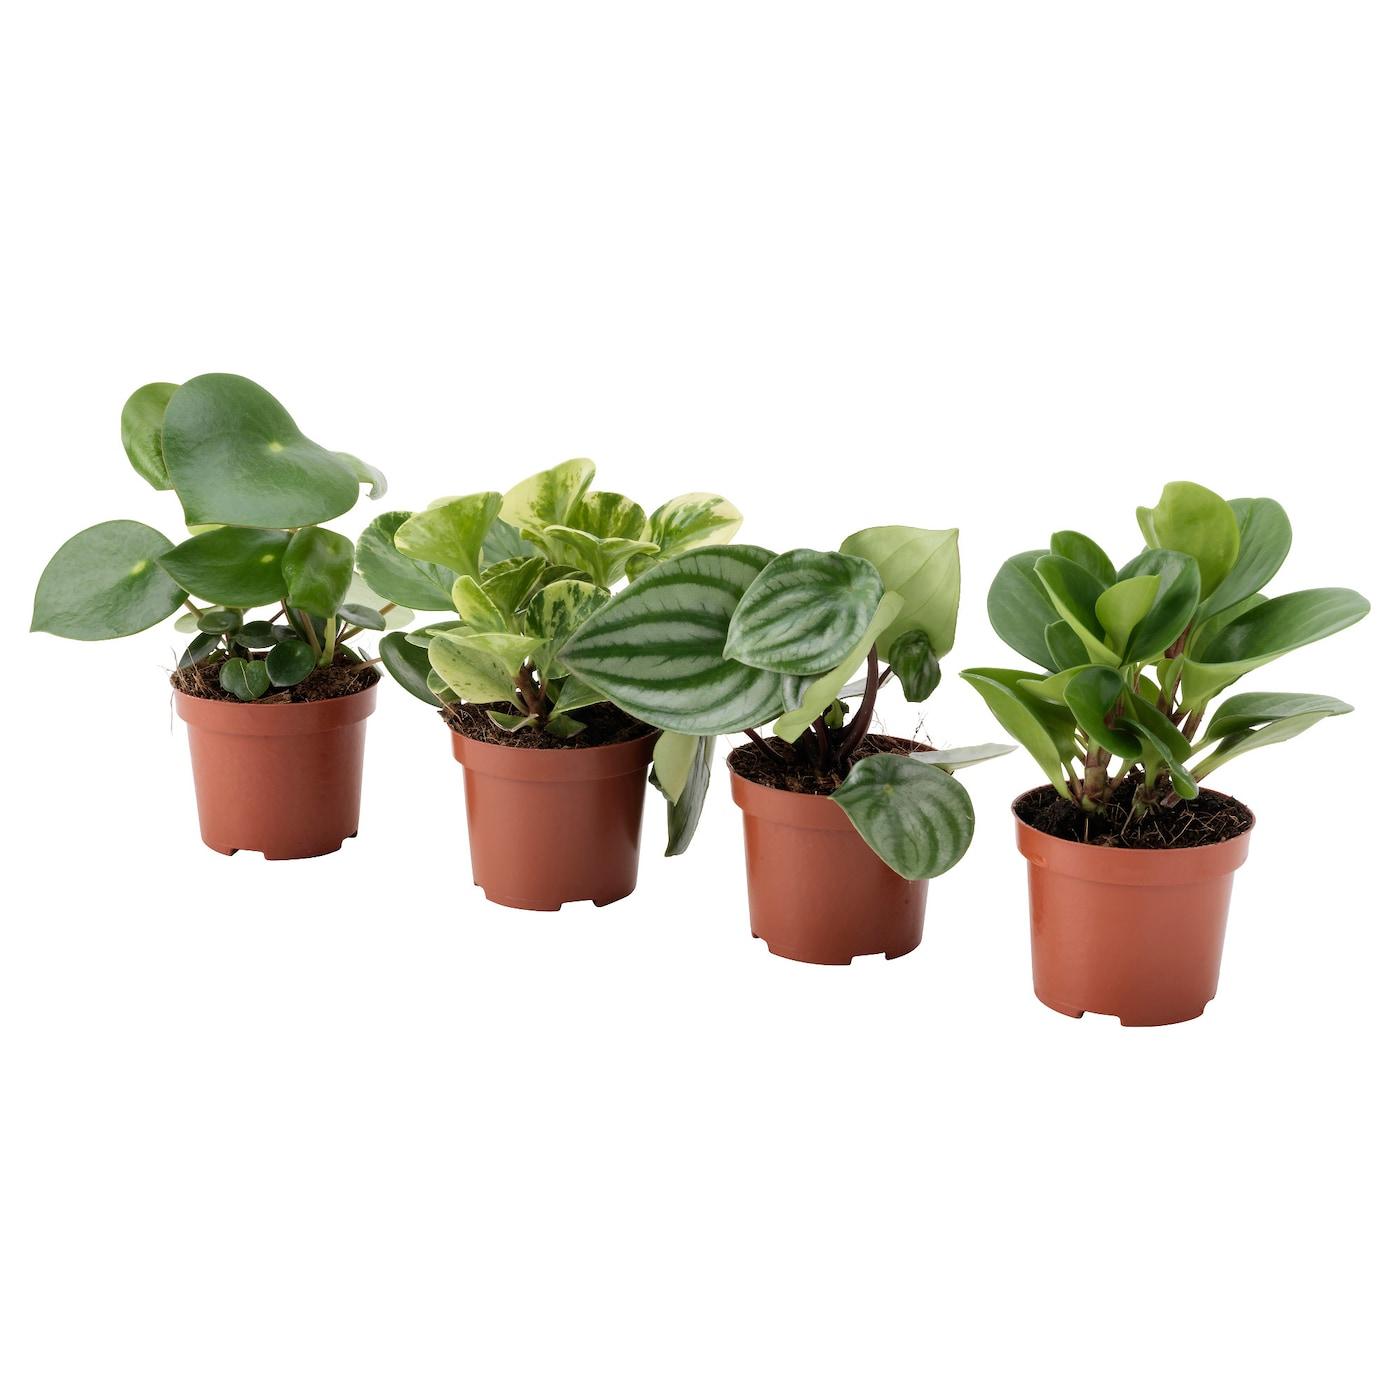 Muskot cache pot blanc 9 cm ikea for Plante hivernale en pot